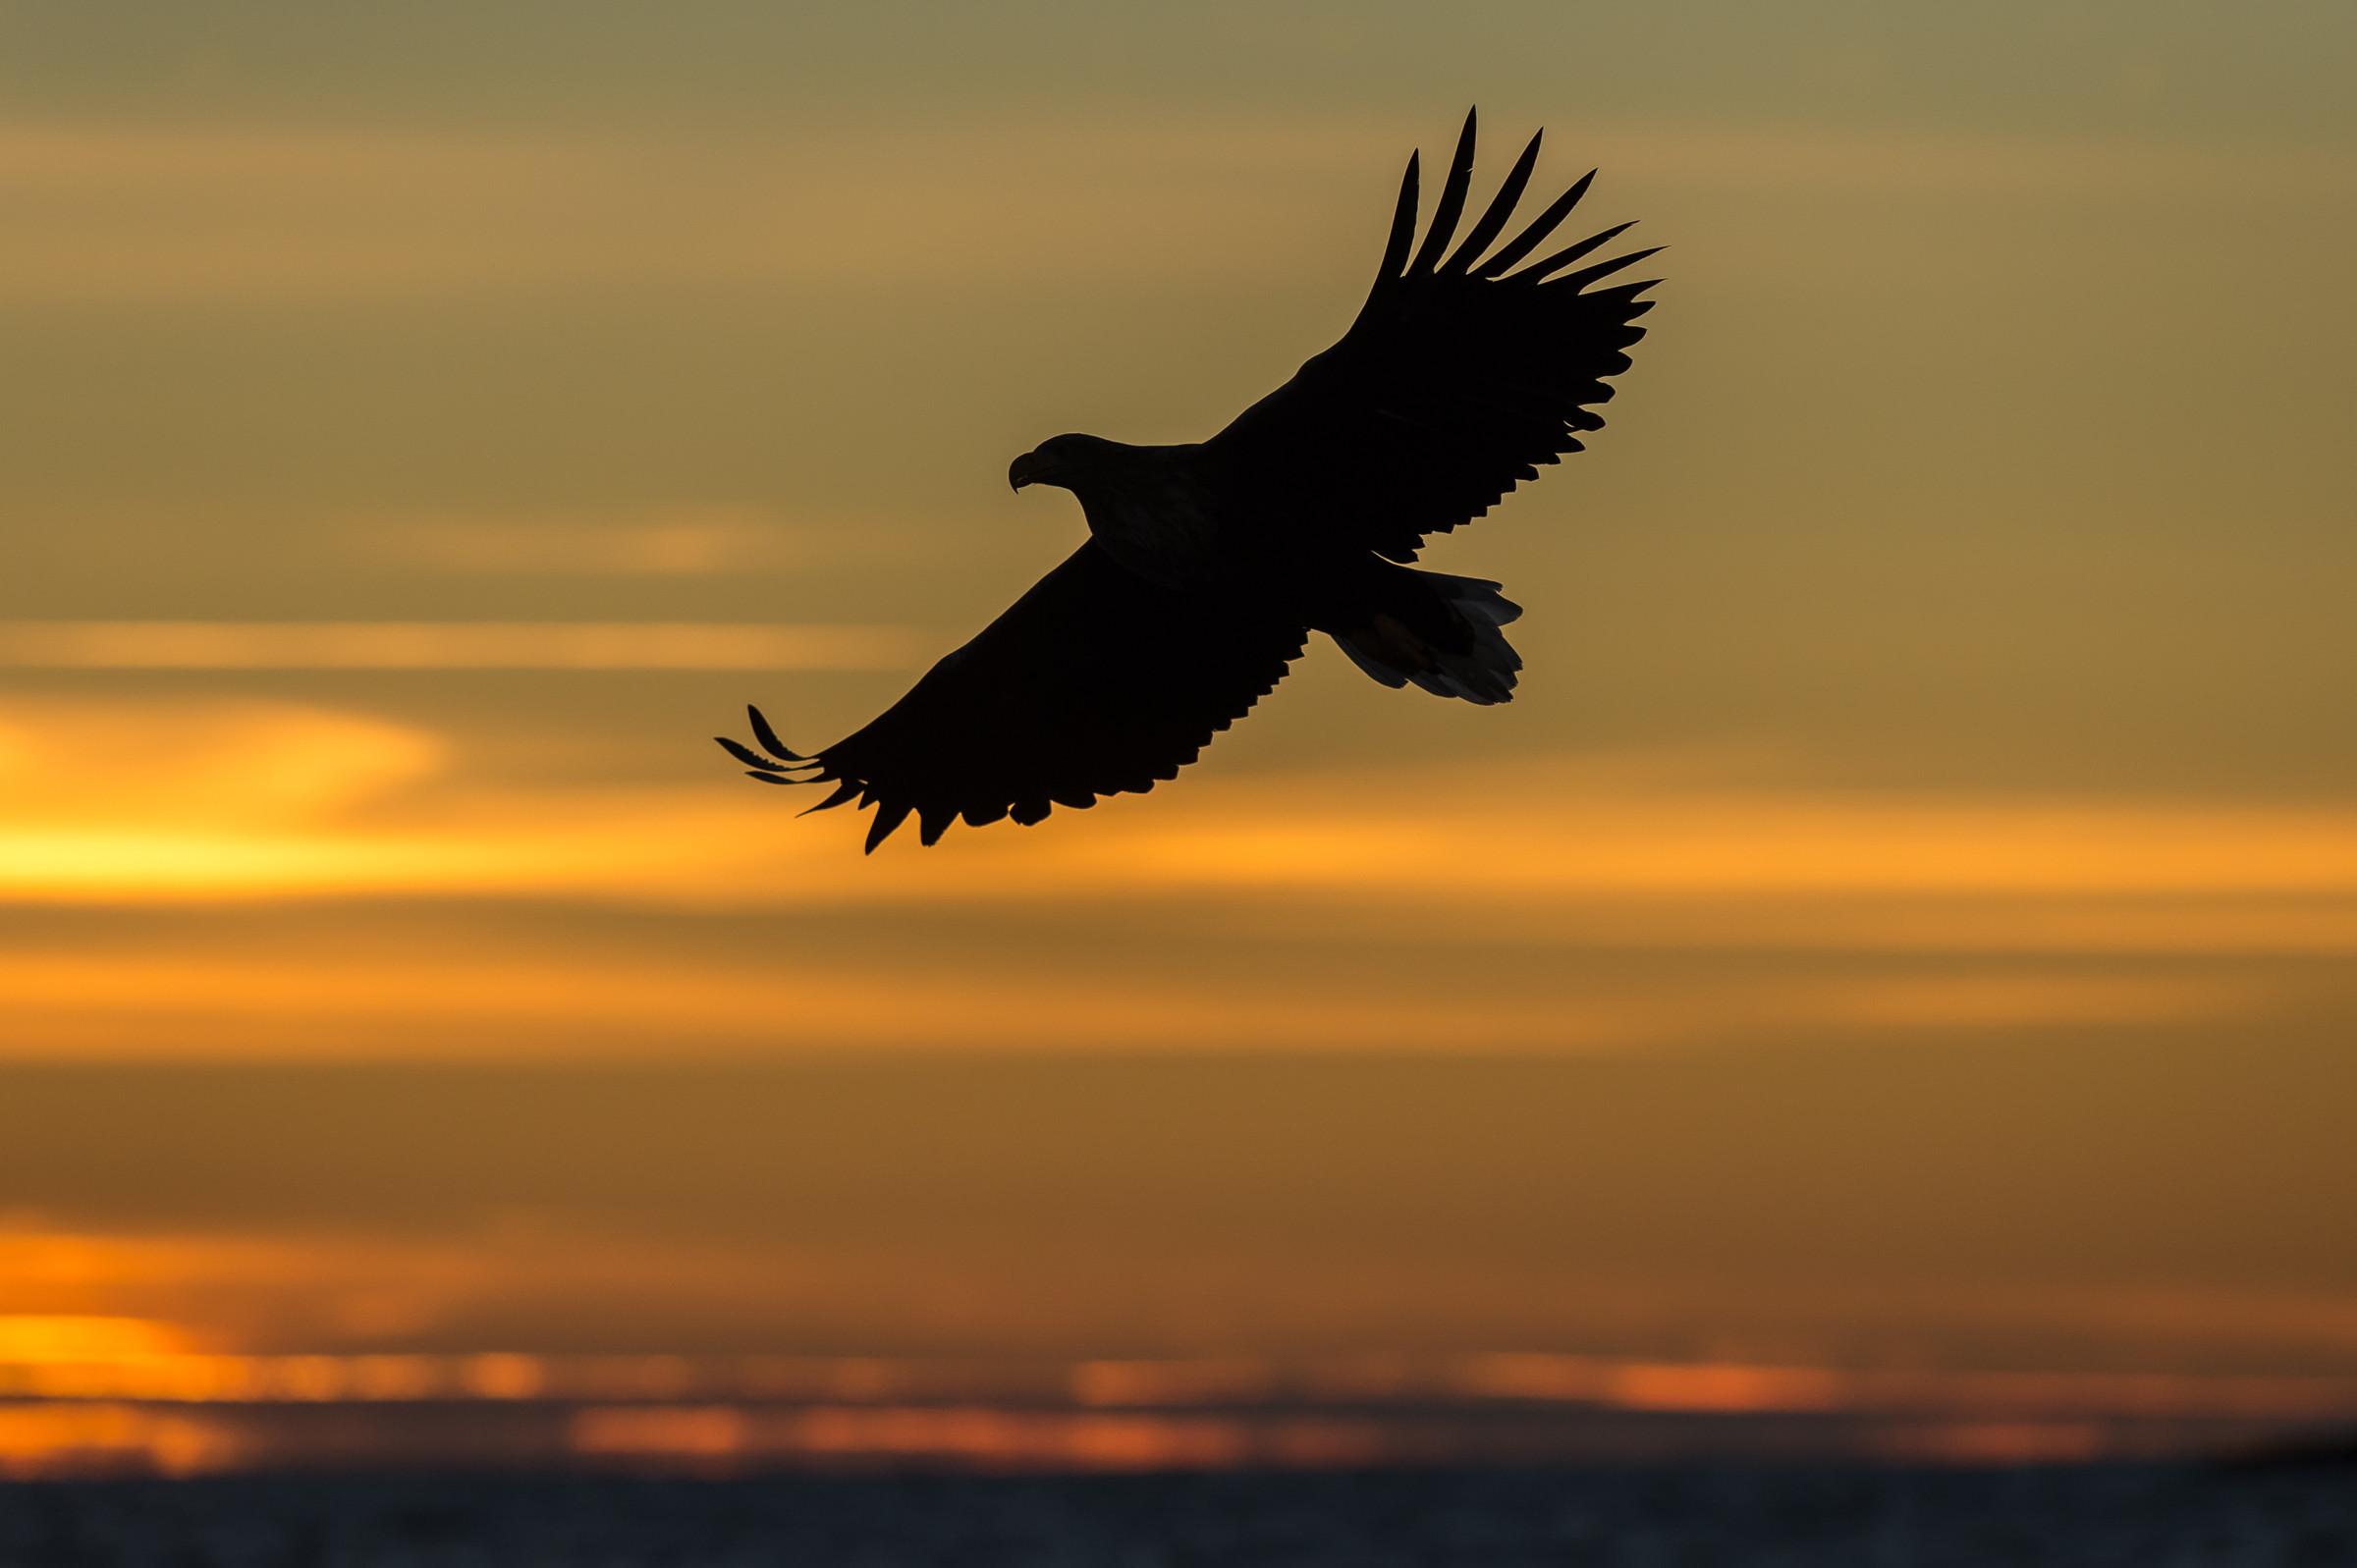 roofvogel zeearend 7089